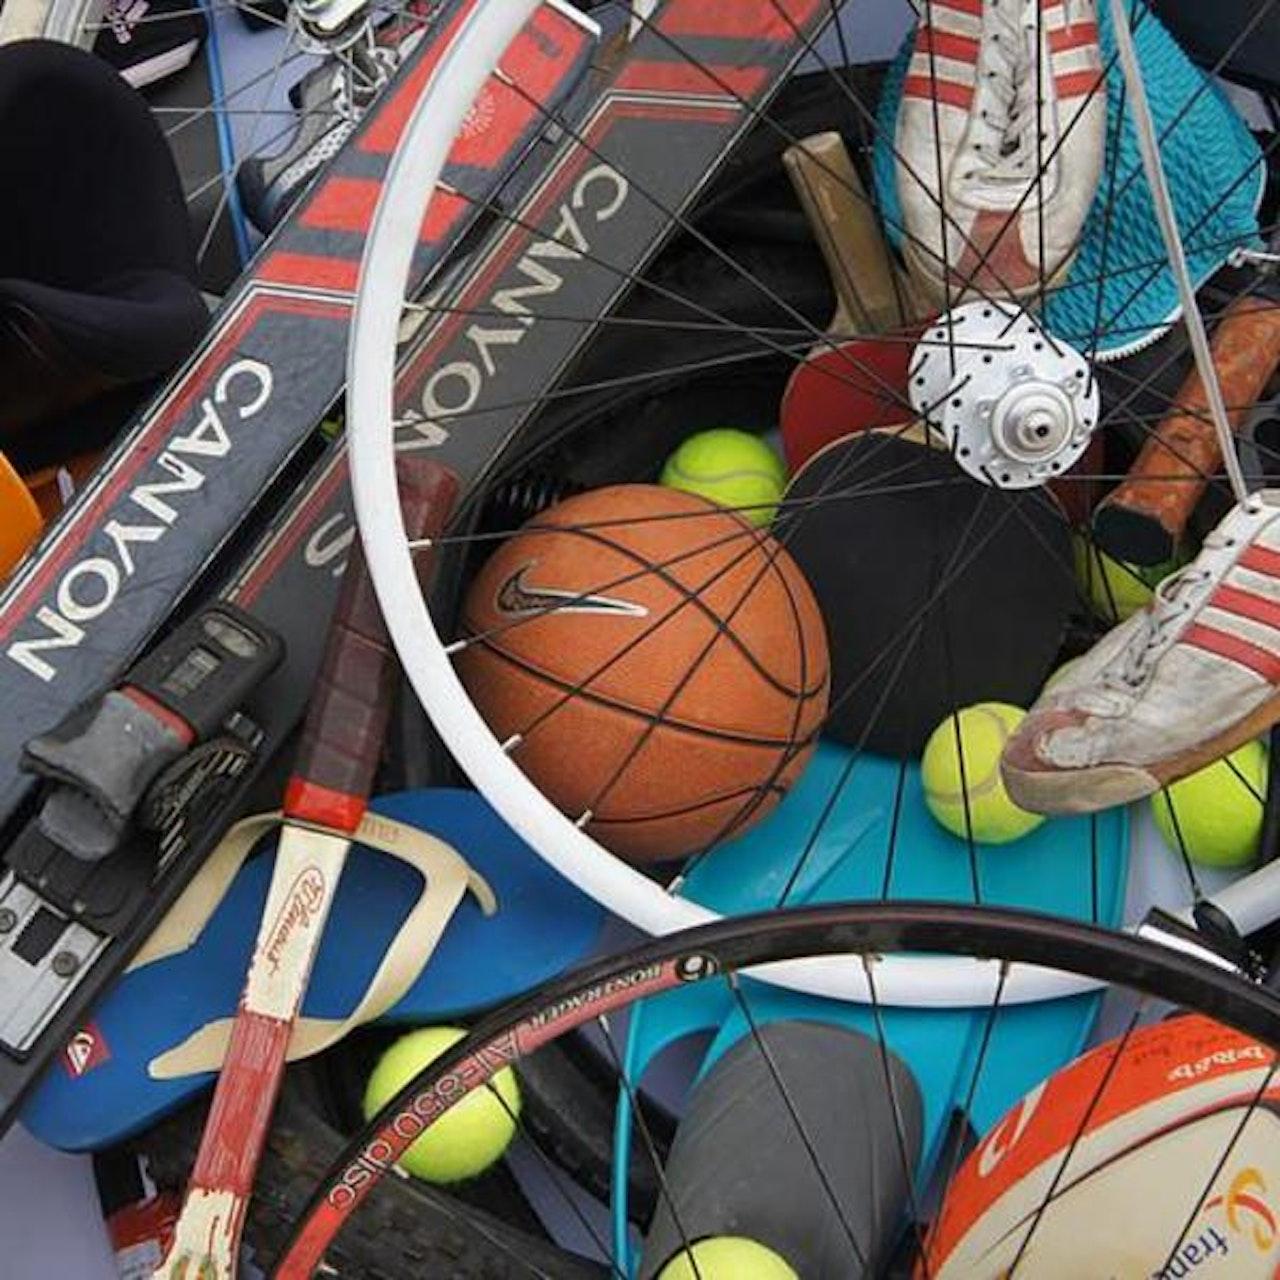 Sport et réemploi : comment réduire les déchets liés à la pratique sportive